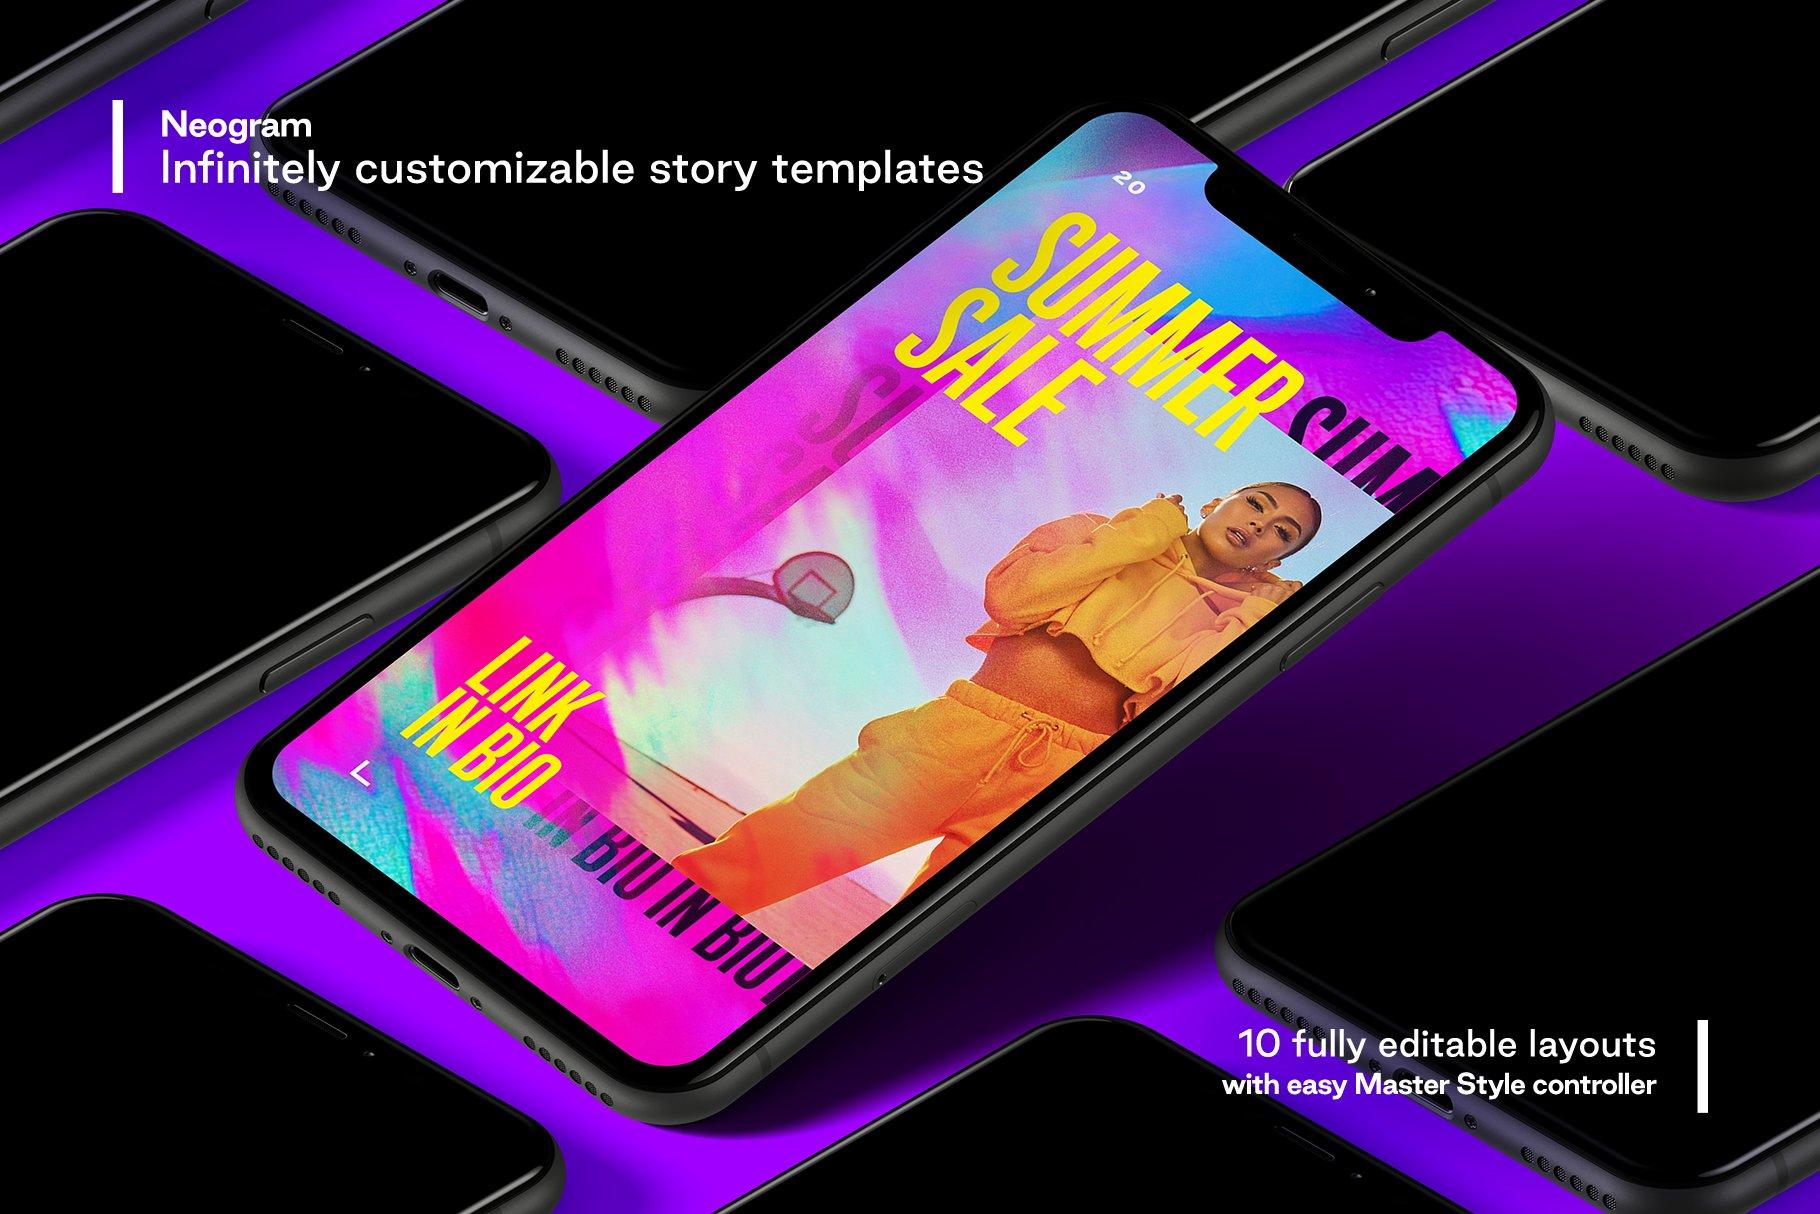 [单独购买] 潮流霓虹效果品牌推广新媒体电商海报设计模板PS素材 Neogram – Neon Instagram Stories插图1